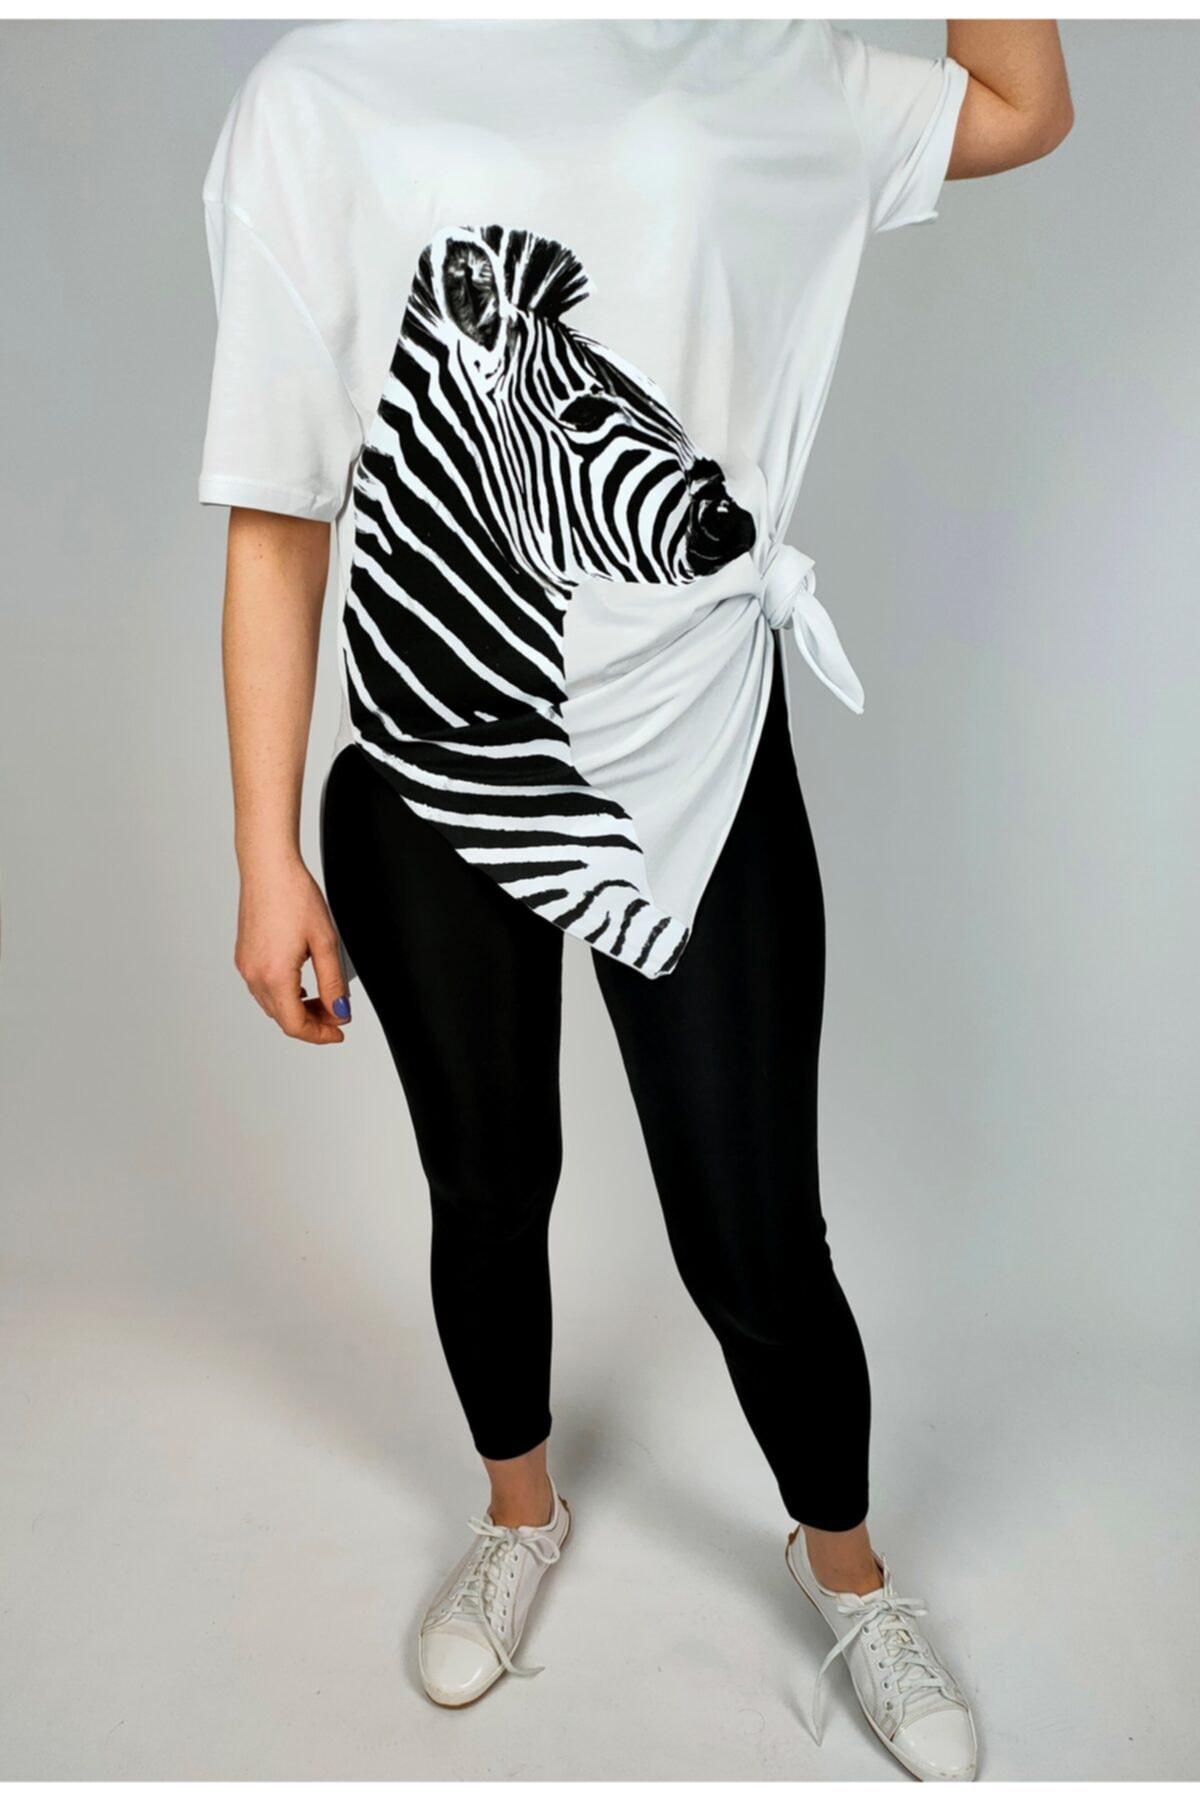 Ankamo Kadın Beyaz Zebra Baskılı Pamuklu T-shirt 2